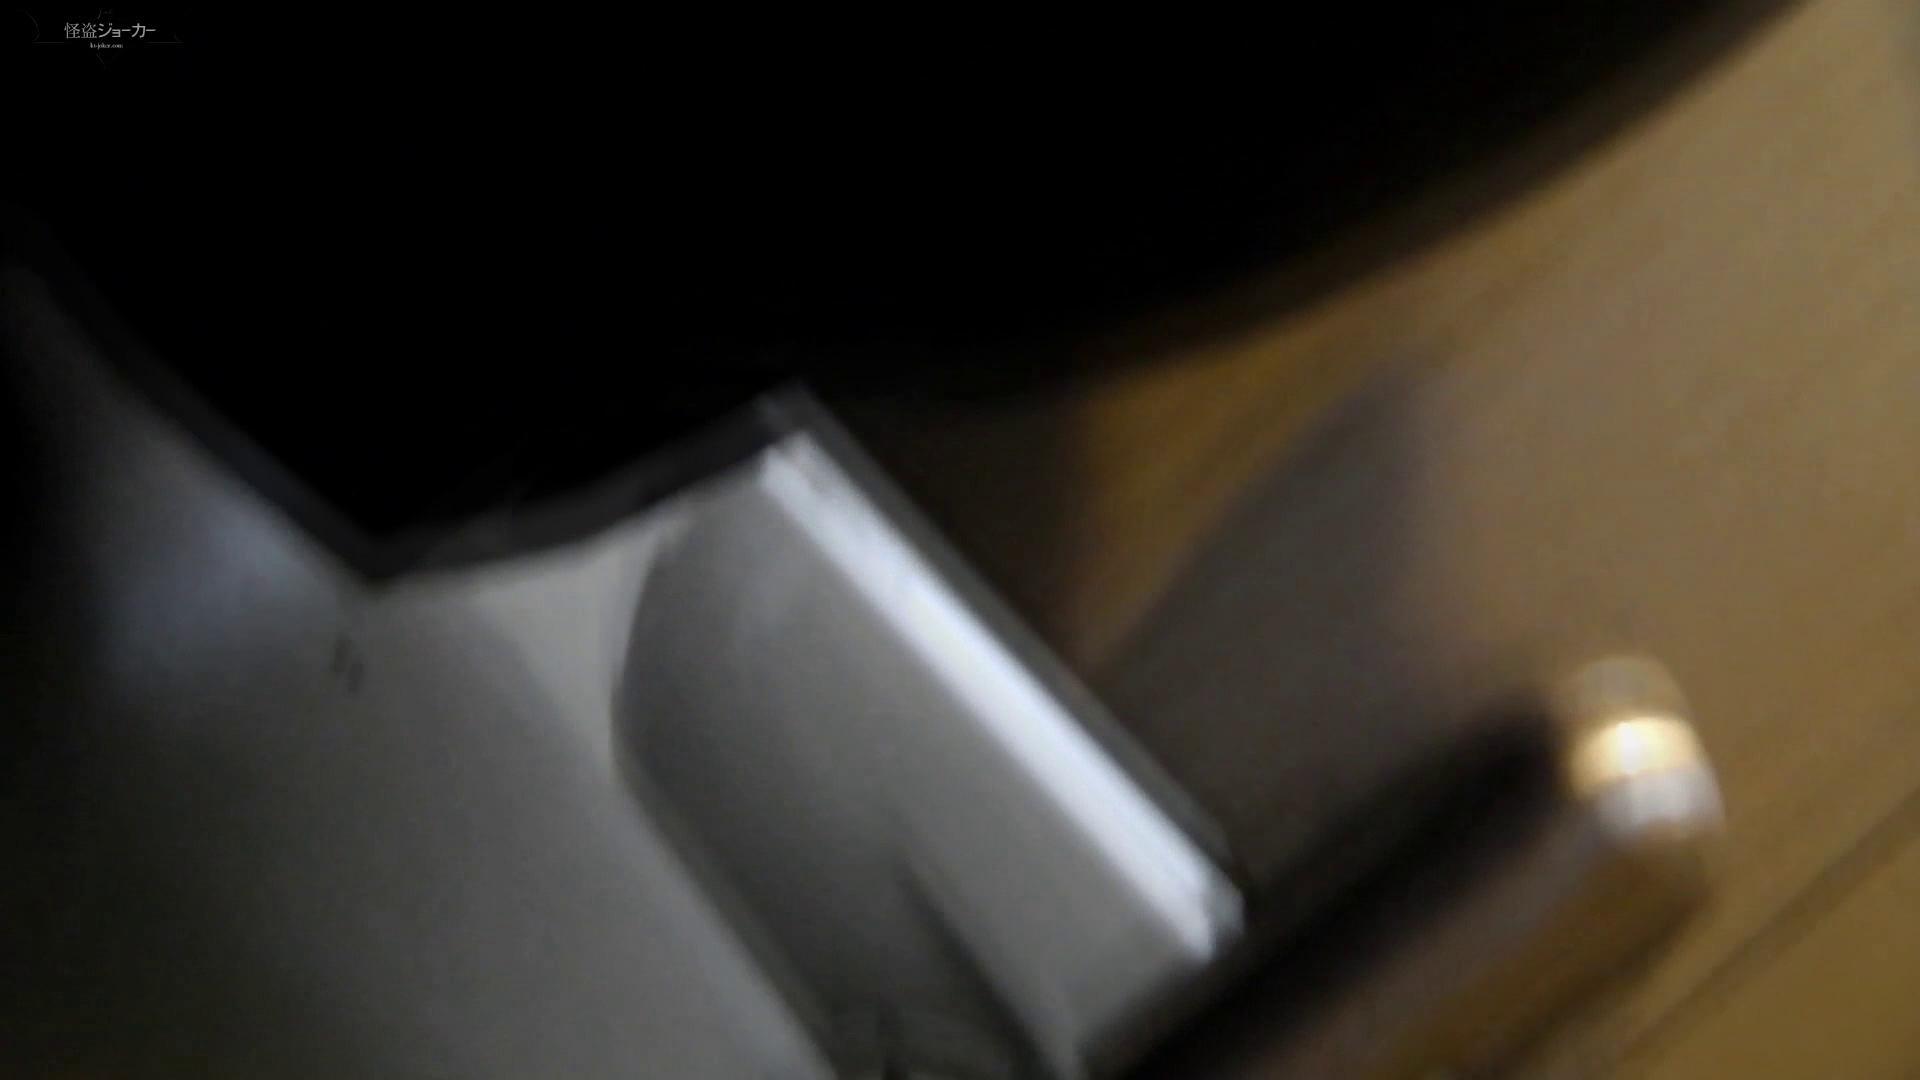 阿国ちゃんの和式洋式七変化 Vol.25 ん?突起物が・・・。 洗面所 | 和式でハメ撮り  55pic 13